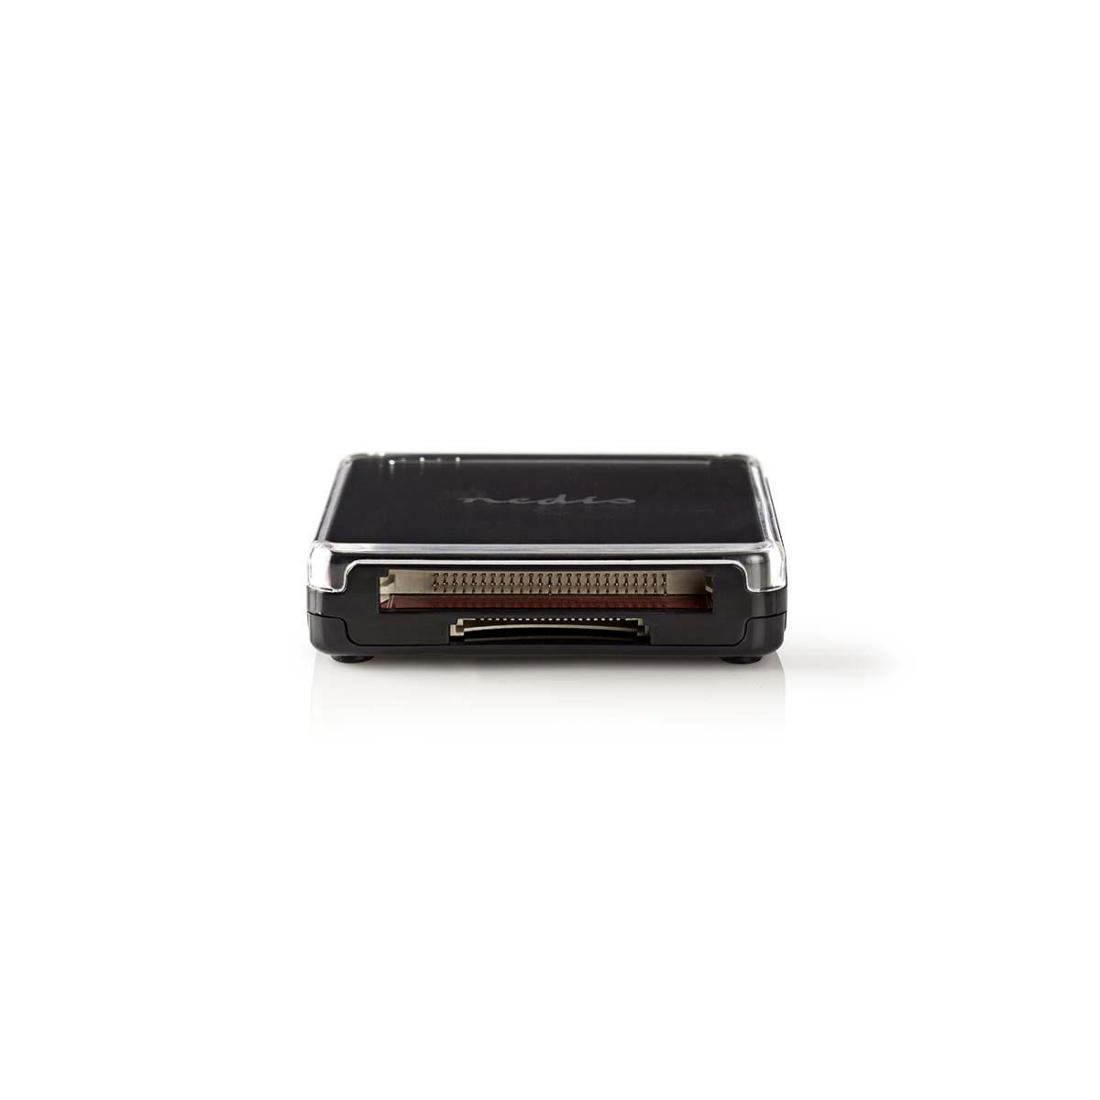 Nedis CRDRU2200BK - Čtečka karet | Vše v Jednom | USB 2.0